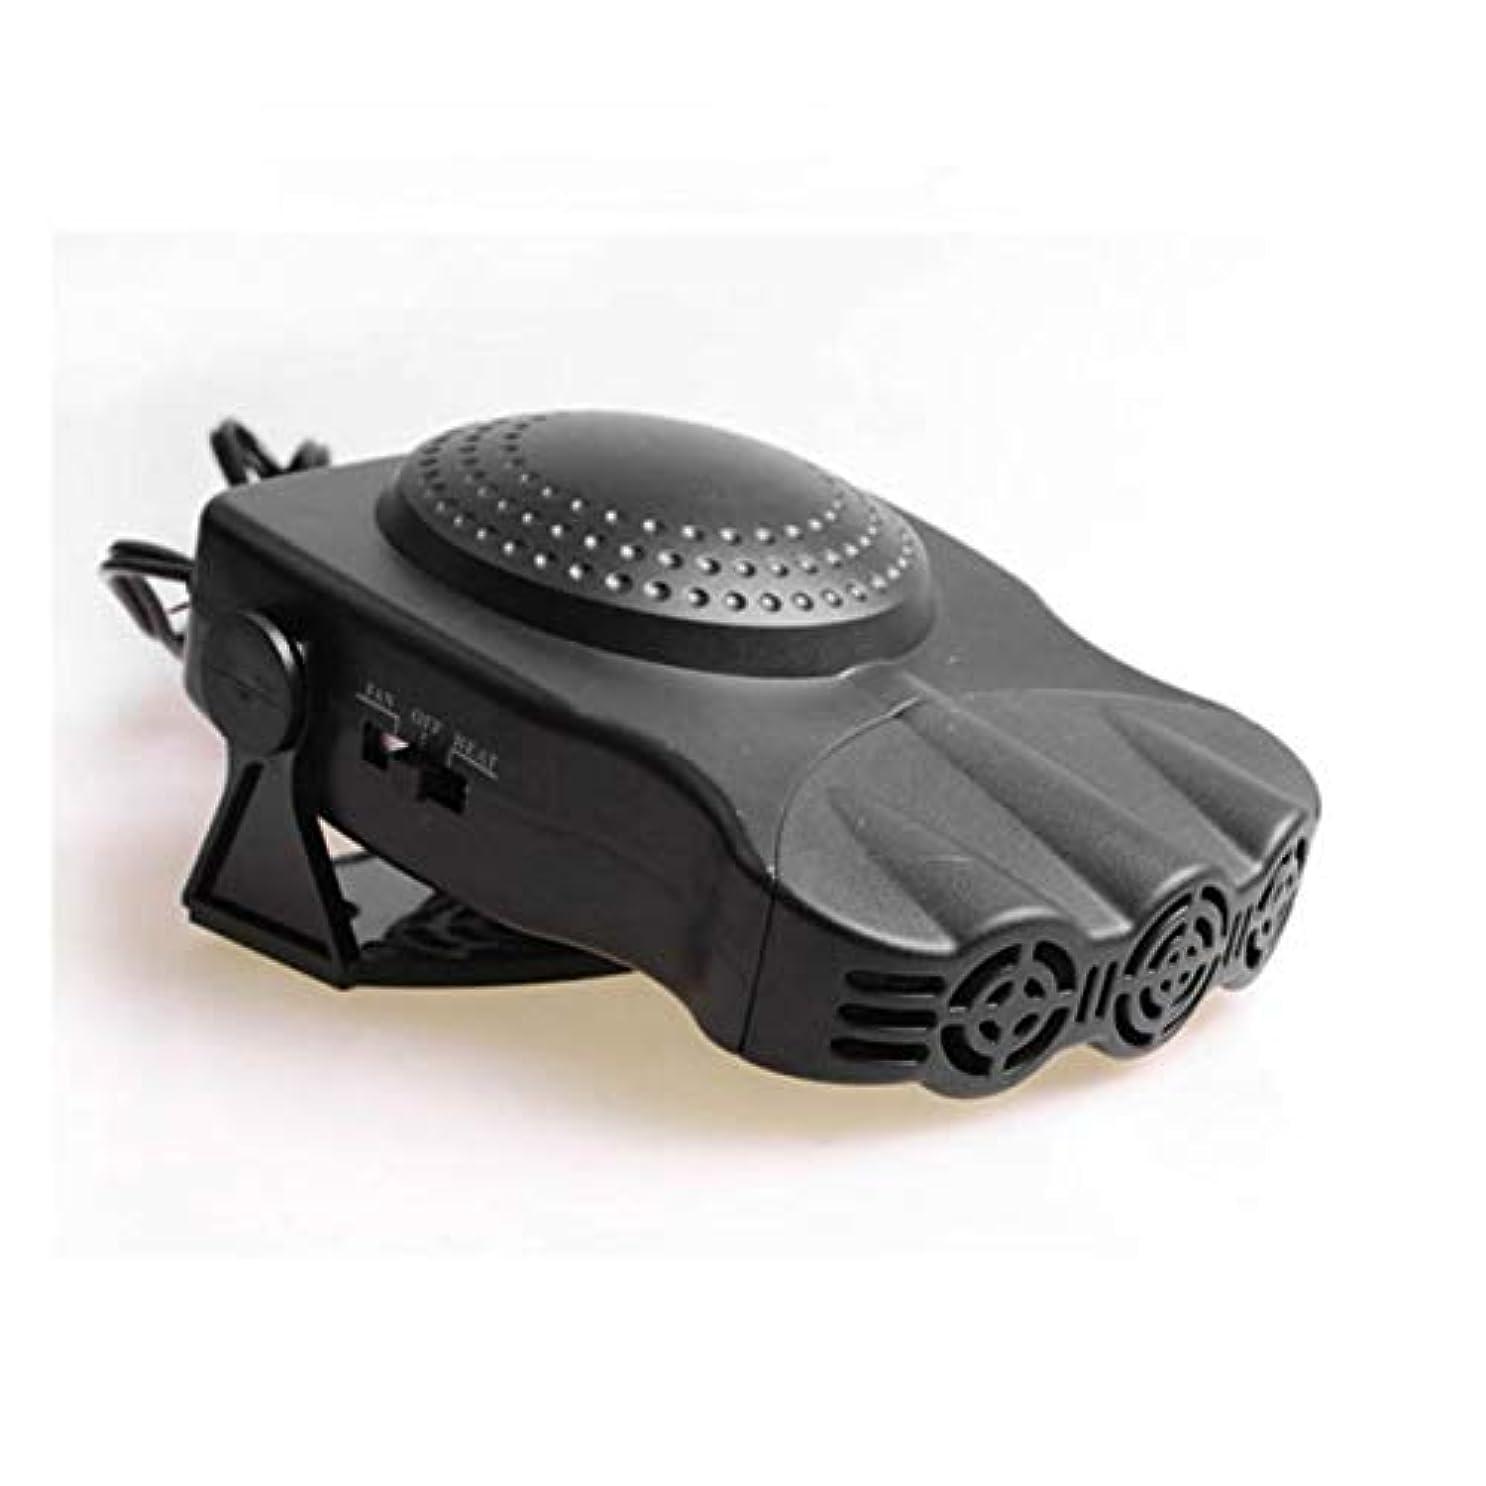 振るうユーザー代表する12V 150W車の車両冷却ファンの熱い暖かいヒーターウインドスクリーンデミスタデフロスター